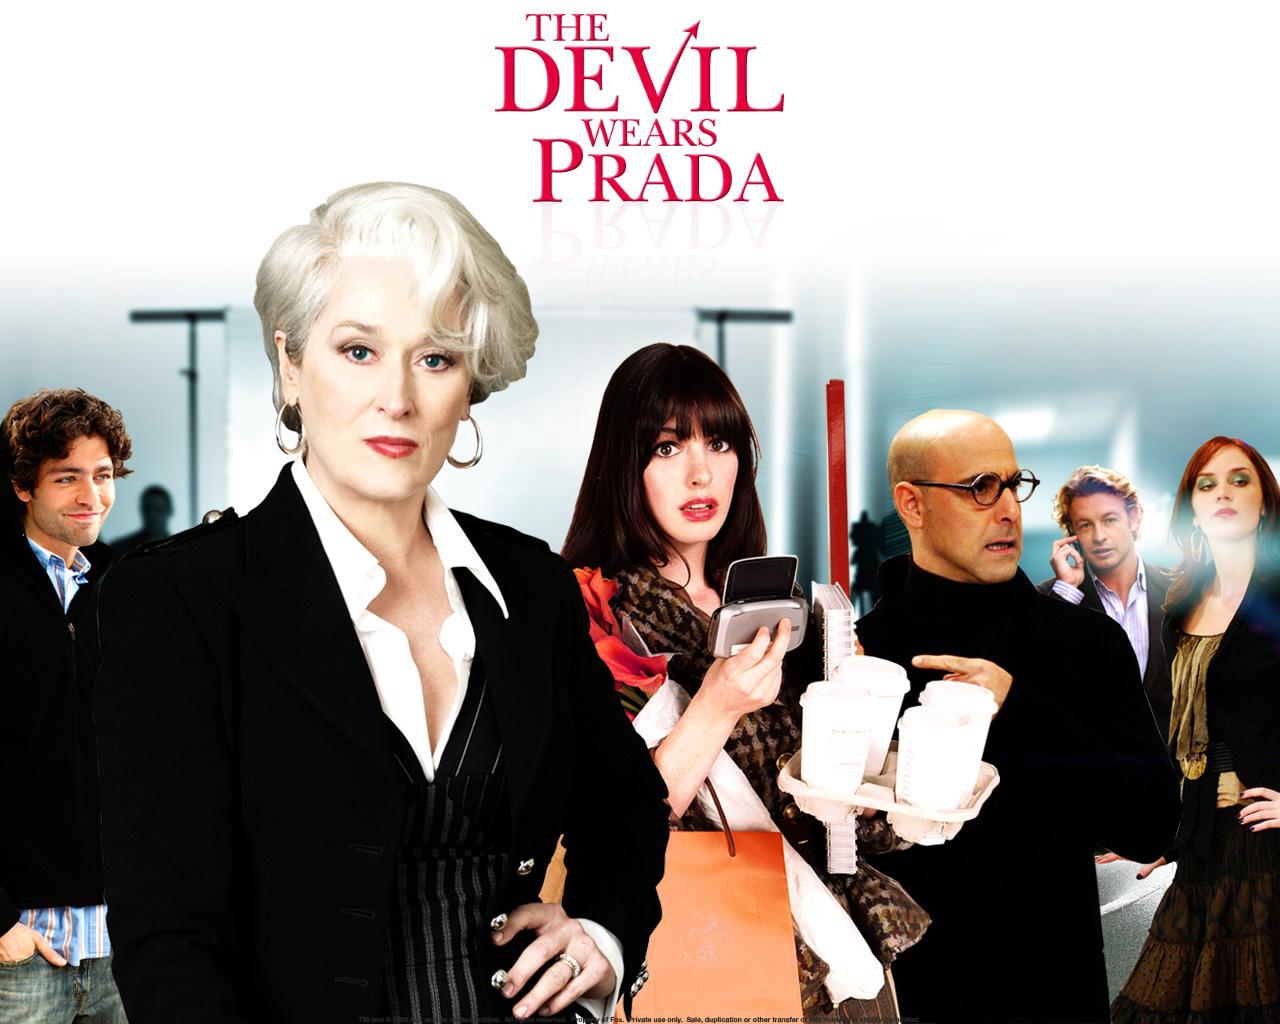 http://3.bp.blogspot.com/-HFAToYnqj90/T1ef2mWBwzI/AAAAAAAAAGw/RXEAB7tOtXs/s1600/Meryl_Streep_in_The_Devil_Wears_Prada_Wallpaper_1_1280.jpg